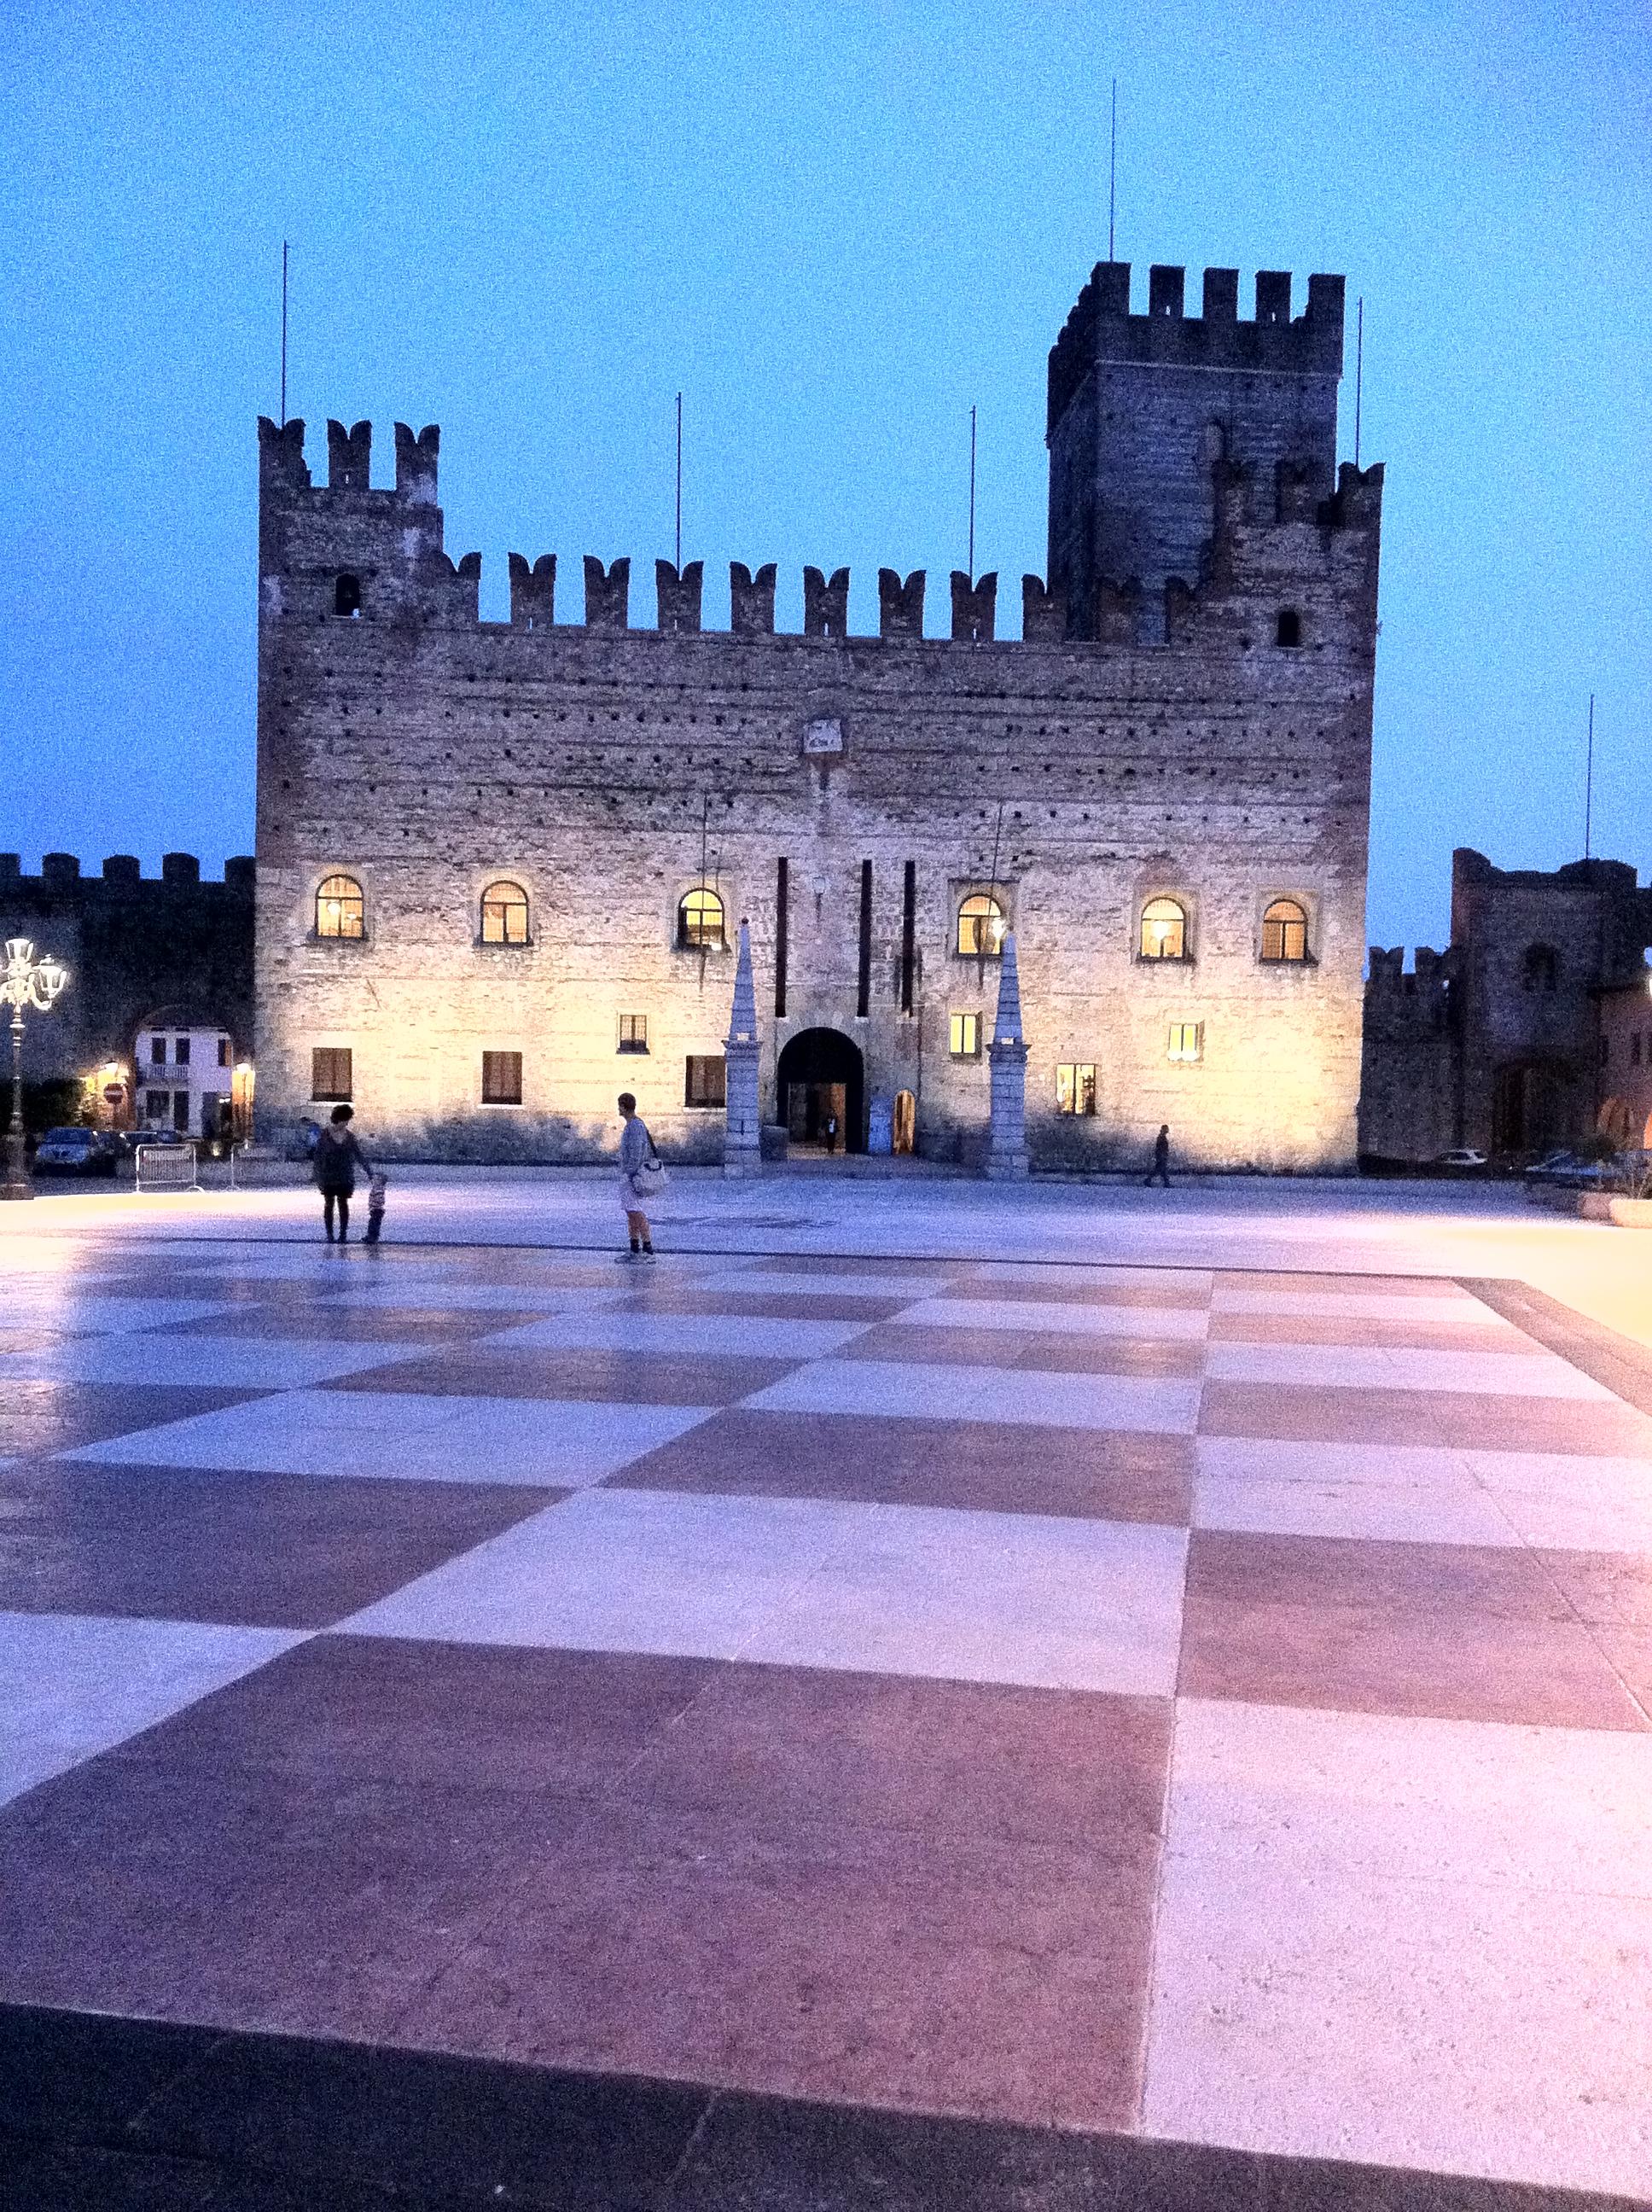 Marostica-Piazza degli Scacchi